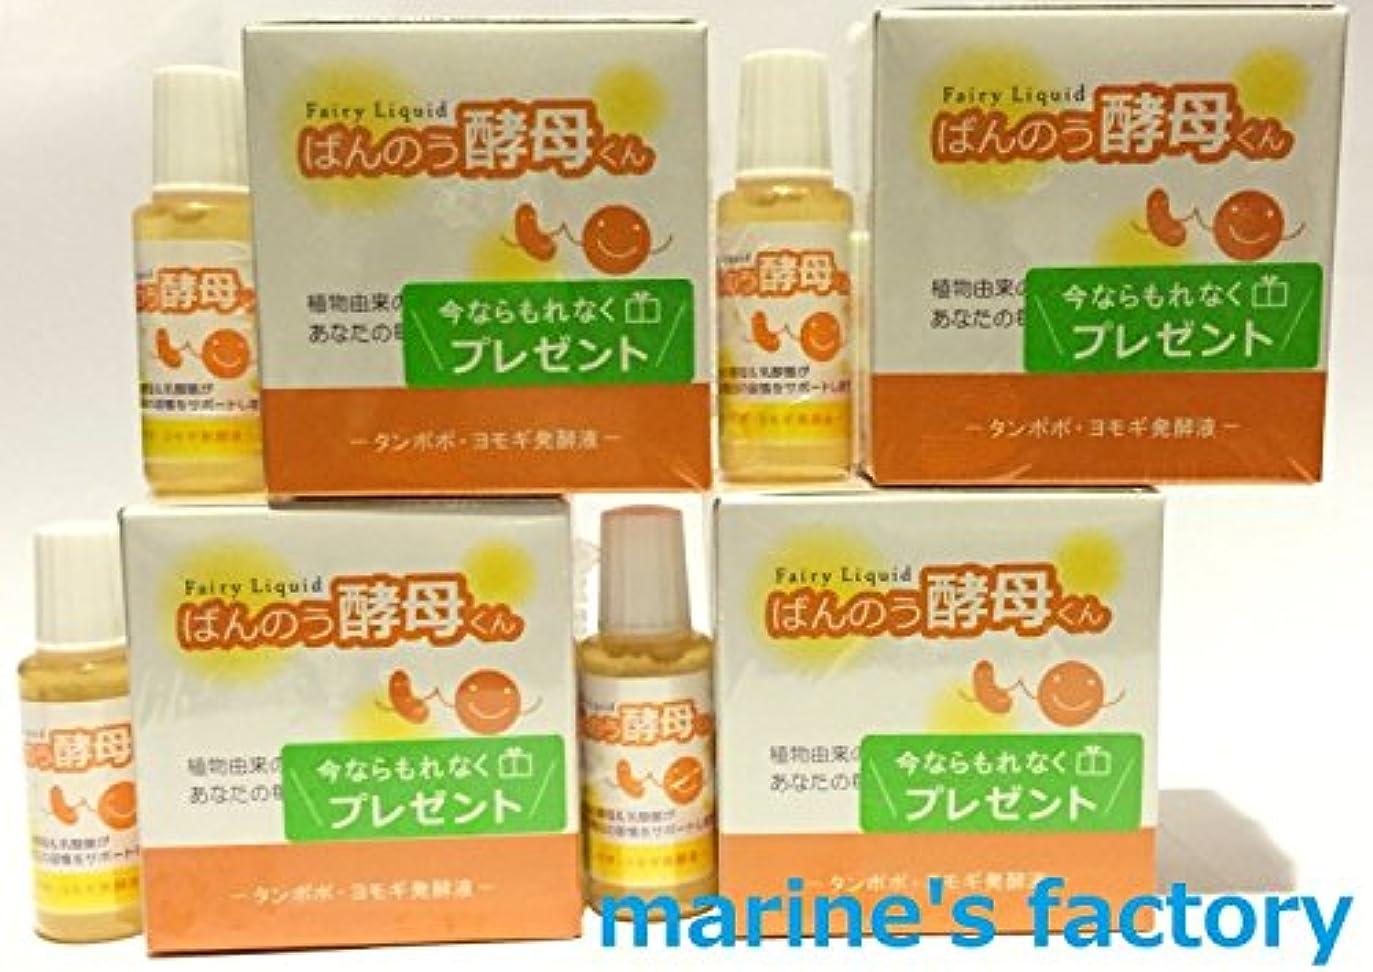 クランプ汚染インタフェース4箱 (計28本) アーデンモア ばんのう酵母くん ホットAセット